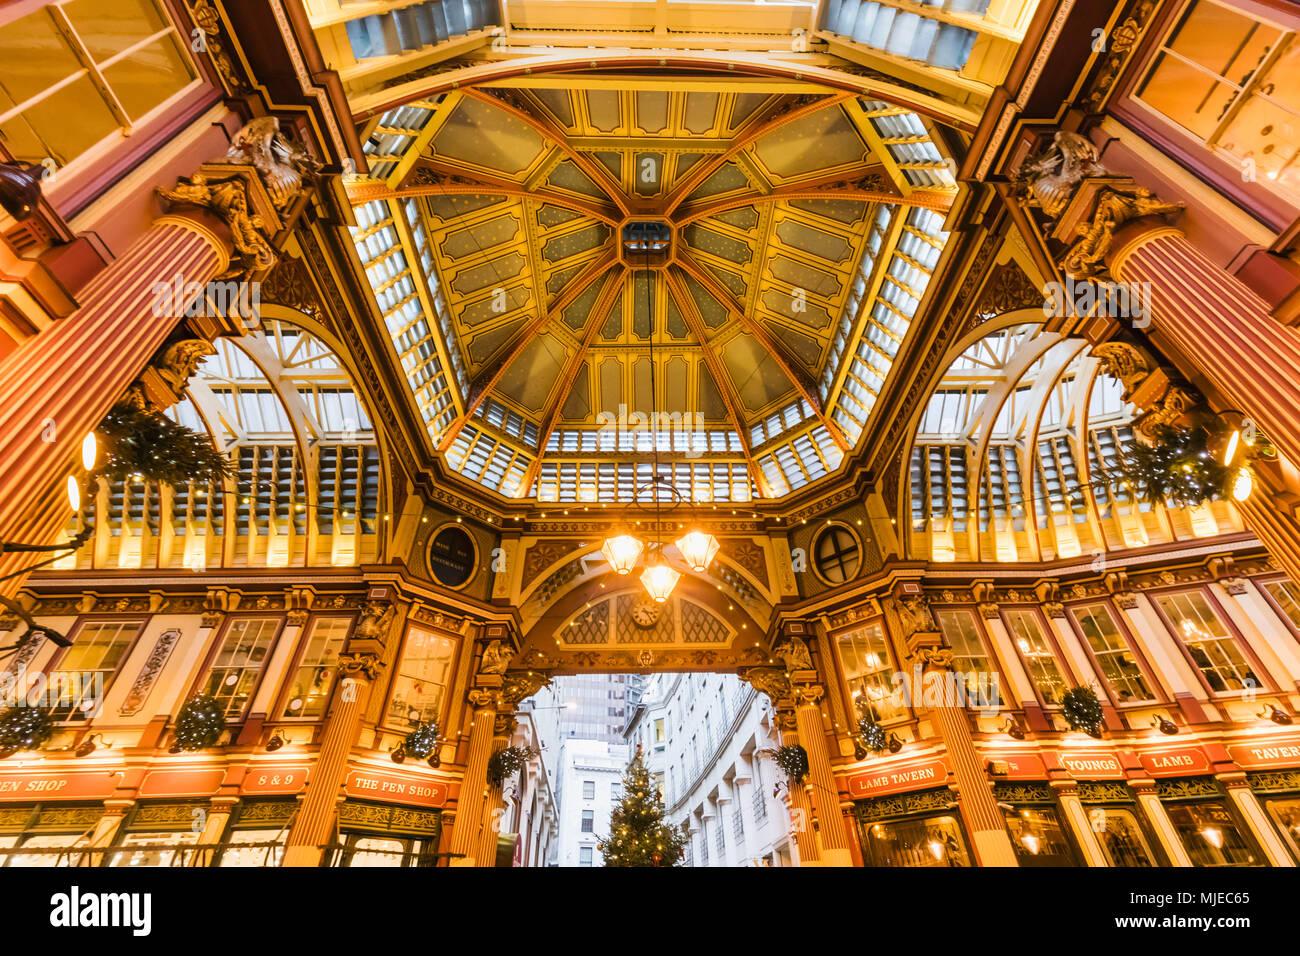 Inghilterra, Londra, Città di Londra, mercato Leadenhall Immagini Stock